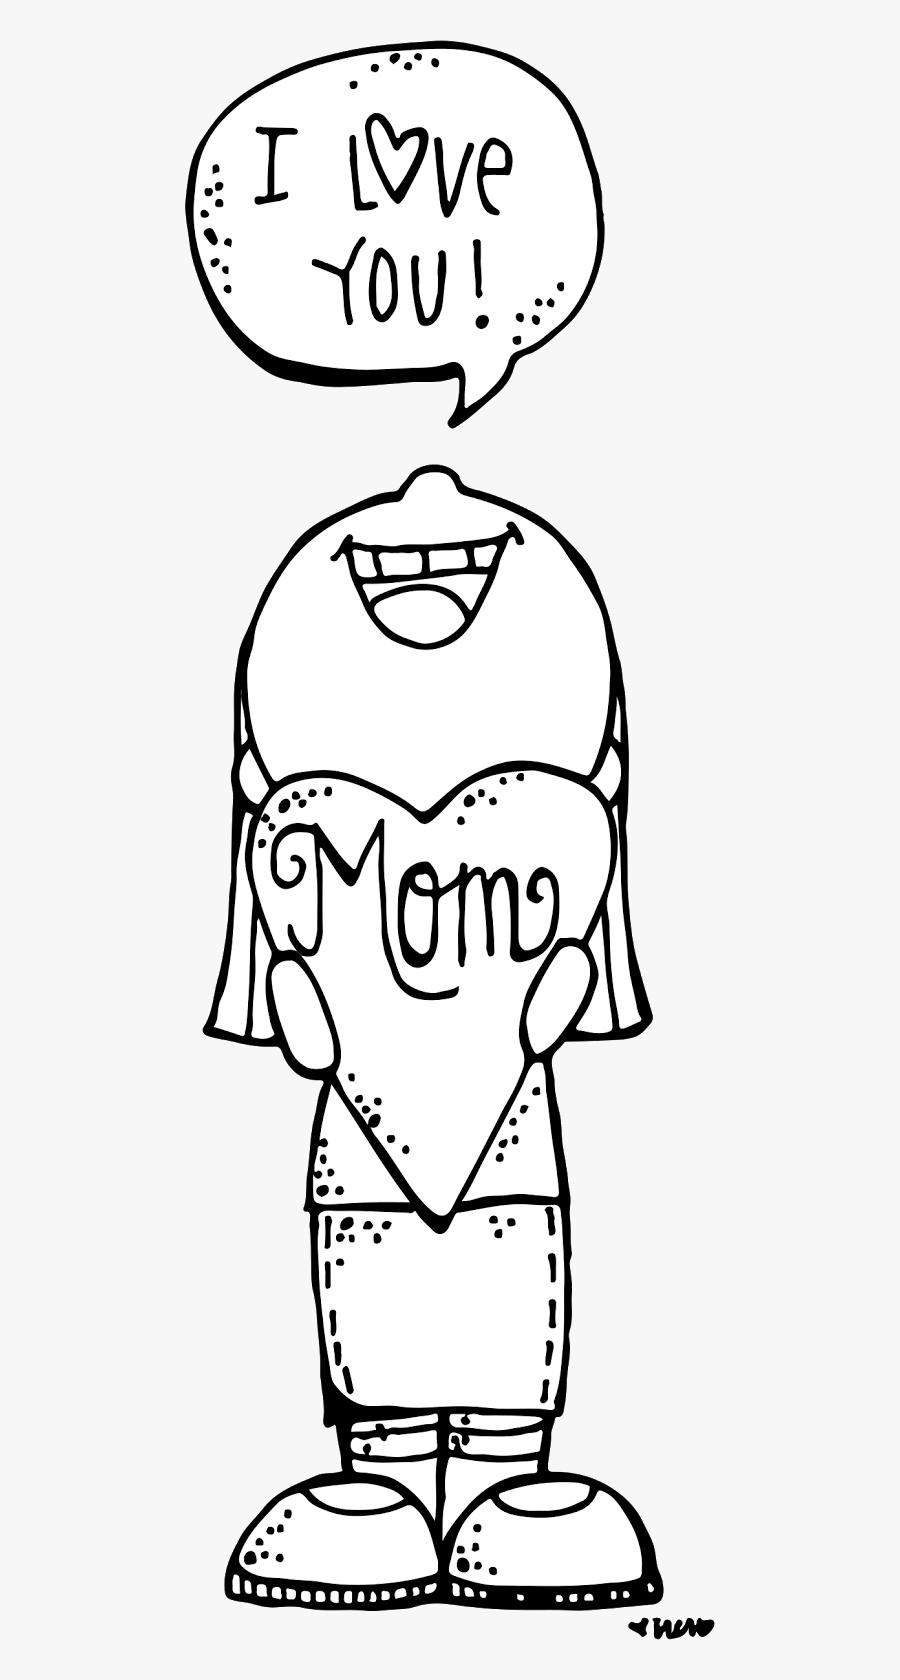 Transparent Lds Clip Art - Lds Mother's Day Clipart, Transparent Clipart